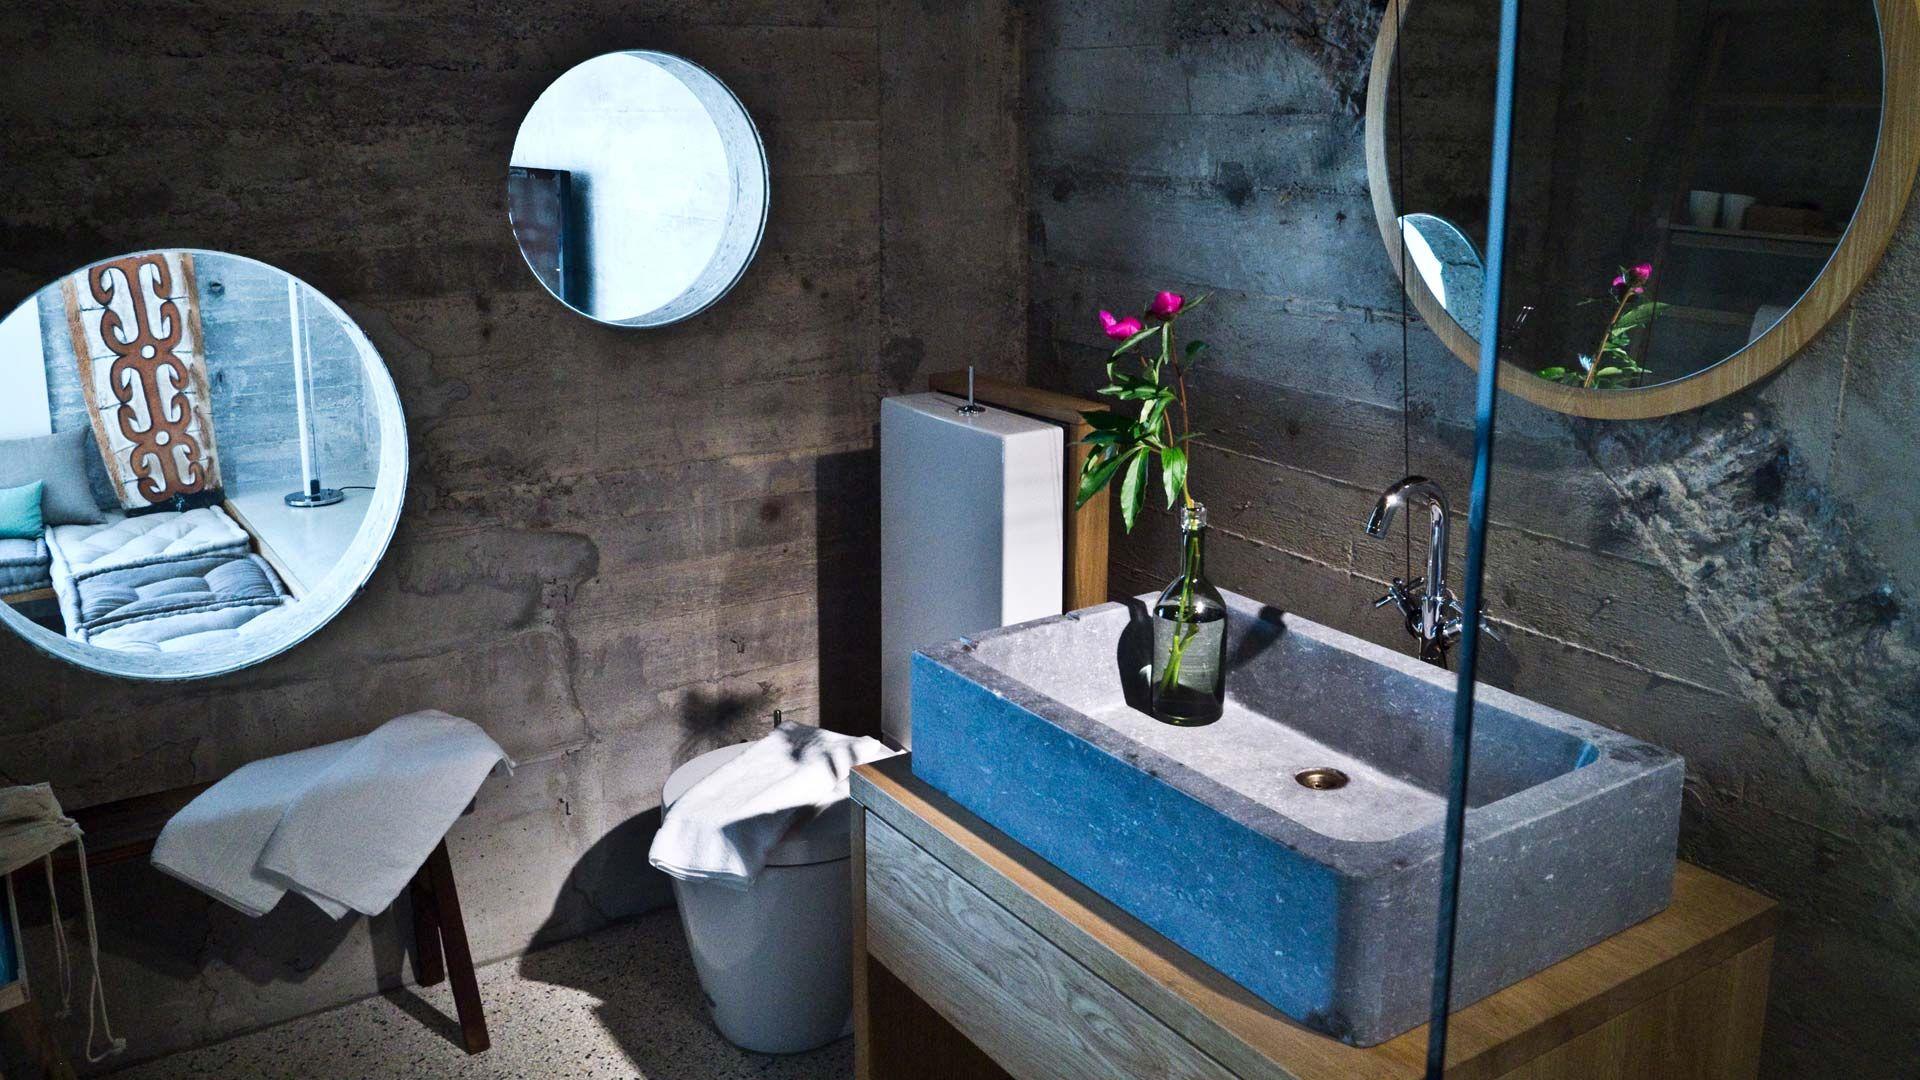 Speicher7 Hotel Mannheim Runde Badezimmerspiegel Hotels Hotel